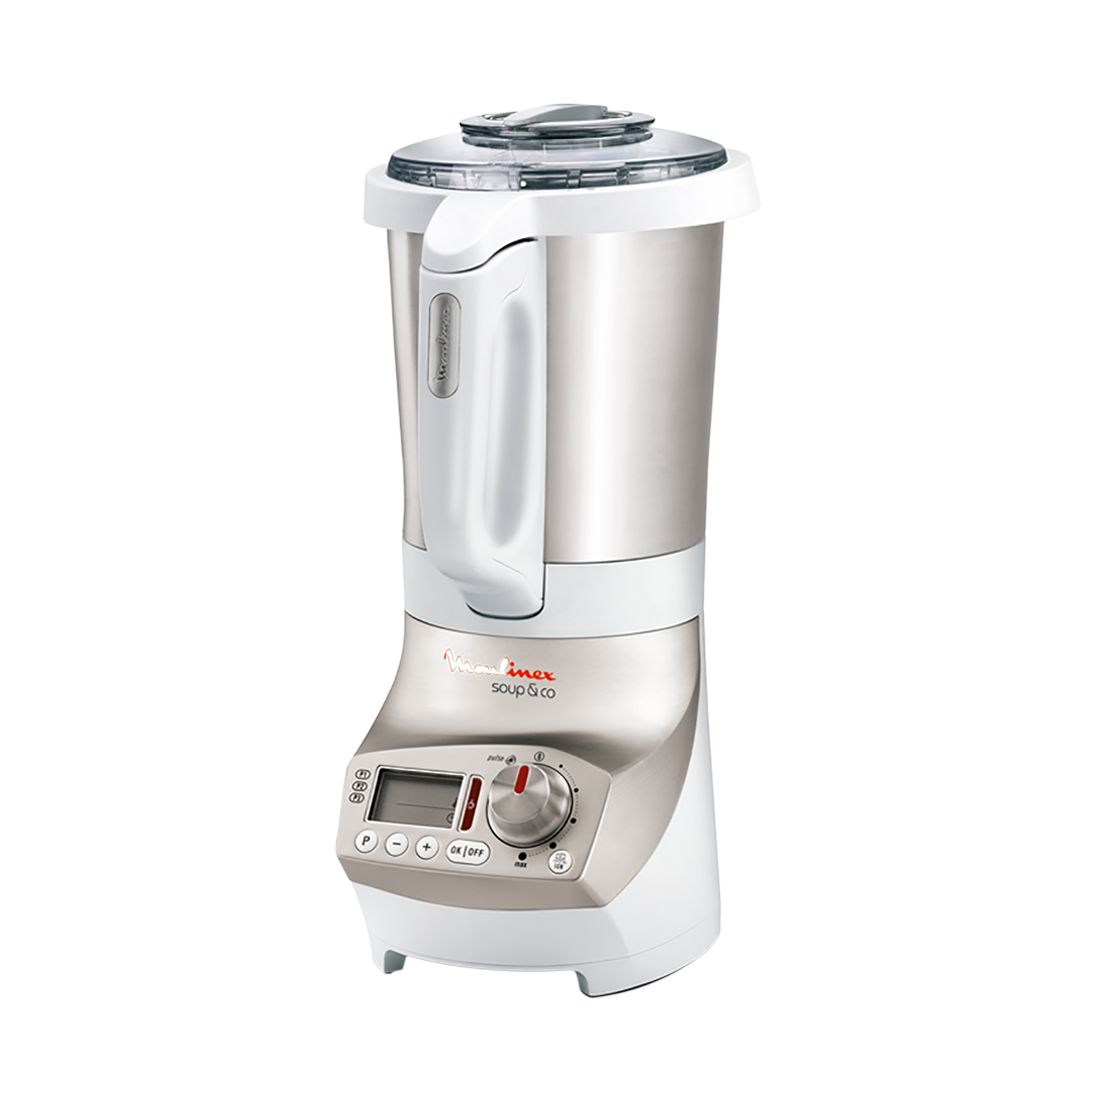 Edelstahl Kochmixer Soup & Co 2,8 l – Edelstahl Silber-Weiß, Moulinex günstig kaufen